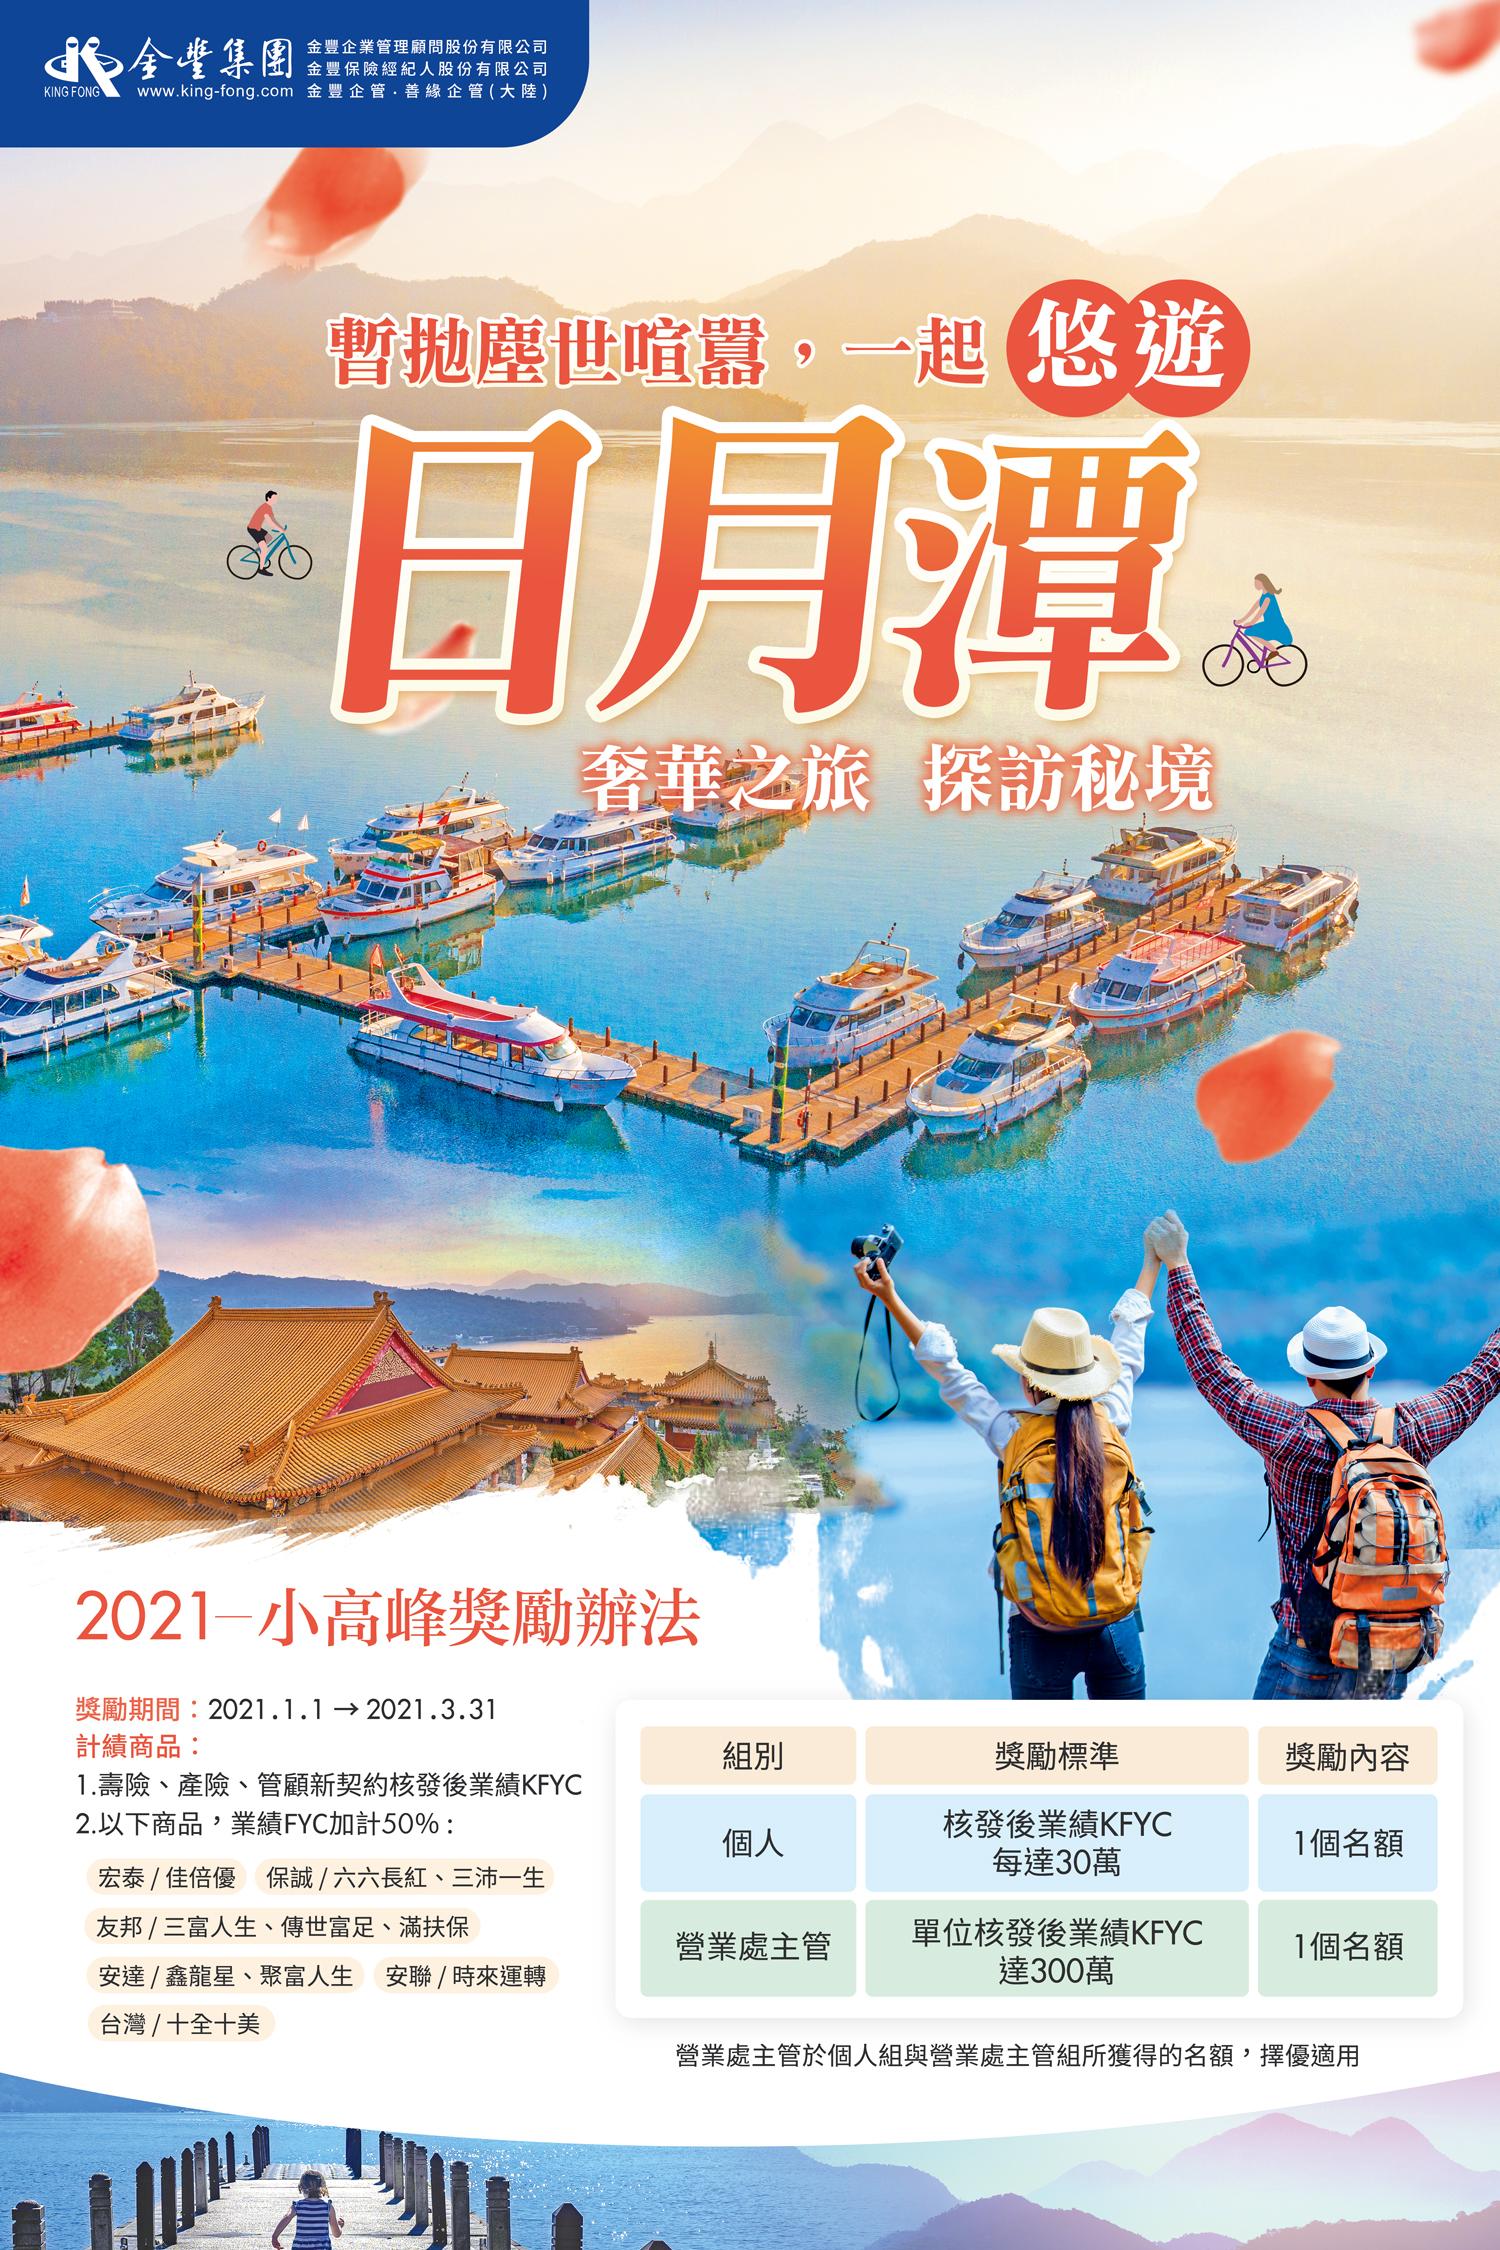 2021年小高峰旅遊『日月潭』獎勵辦法